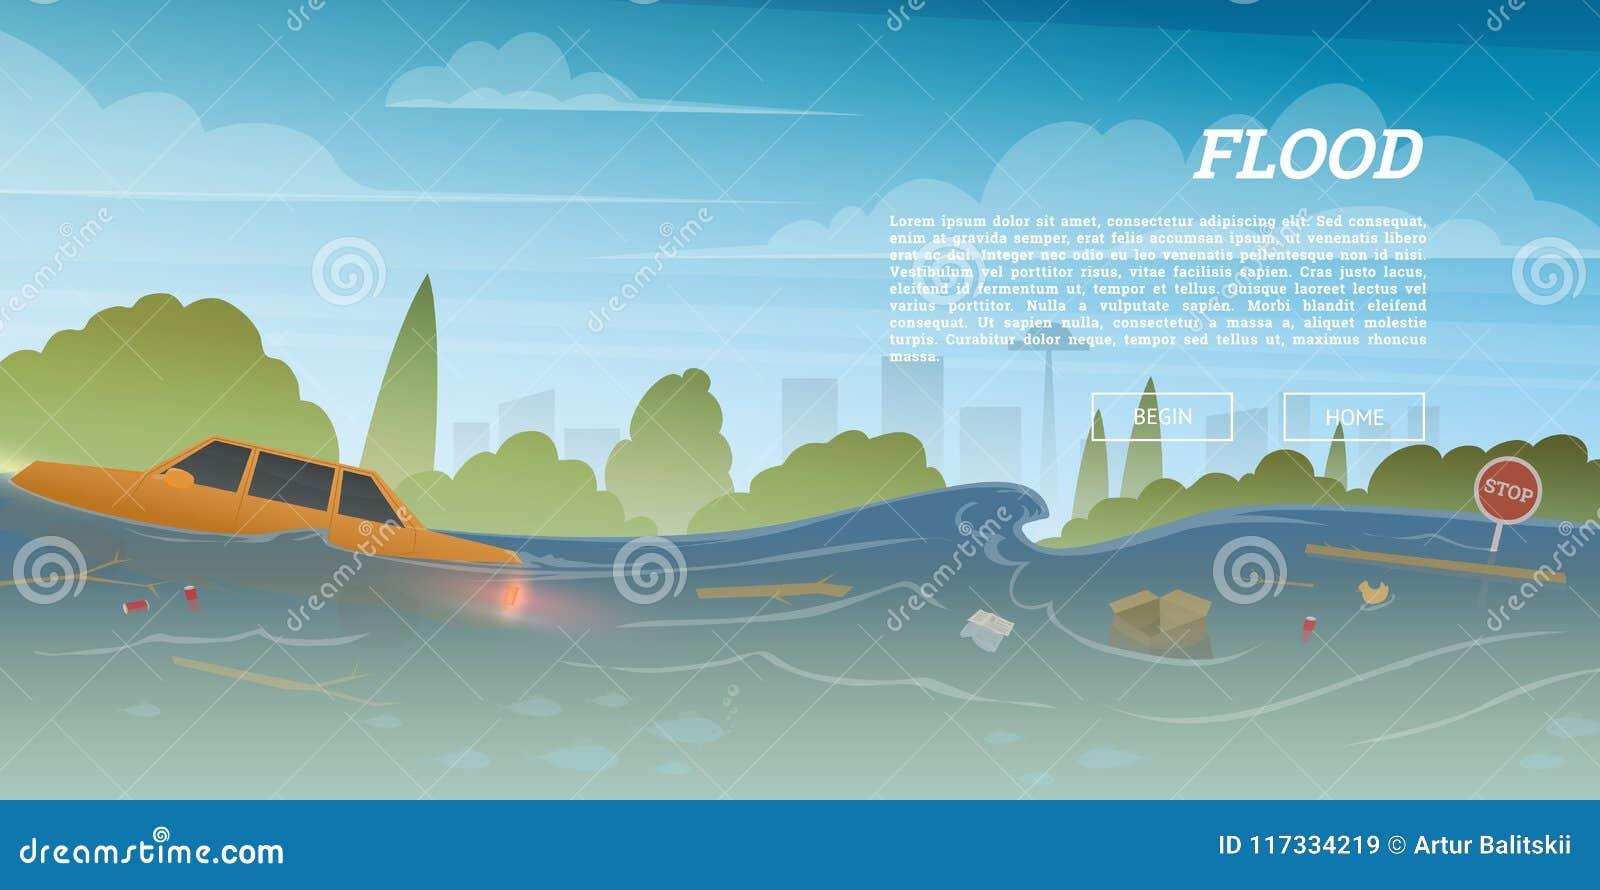 Πλημμύρα ή φυσική καταστροφή στην έννοια πόλεων Επιπλέοντα απορρίματα και αυτοκίνητο κατά τη διάρκεια του κατακλυσμού στο απόγειο